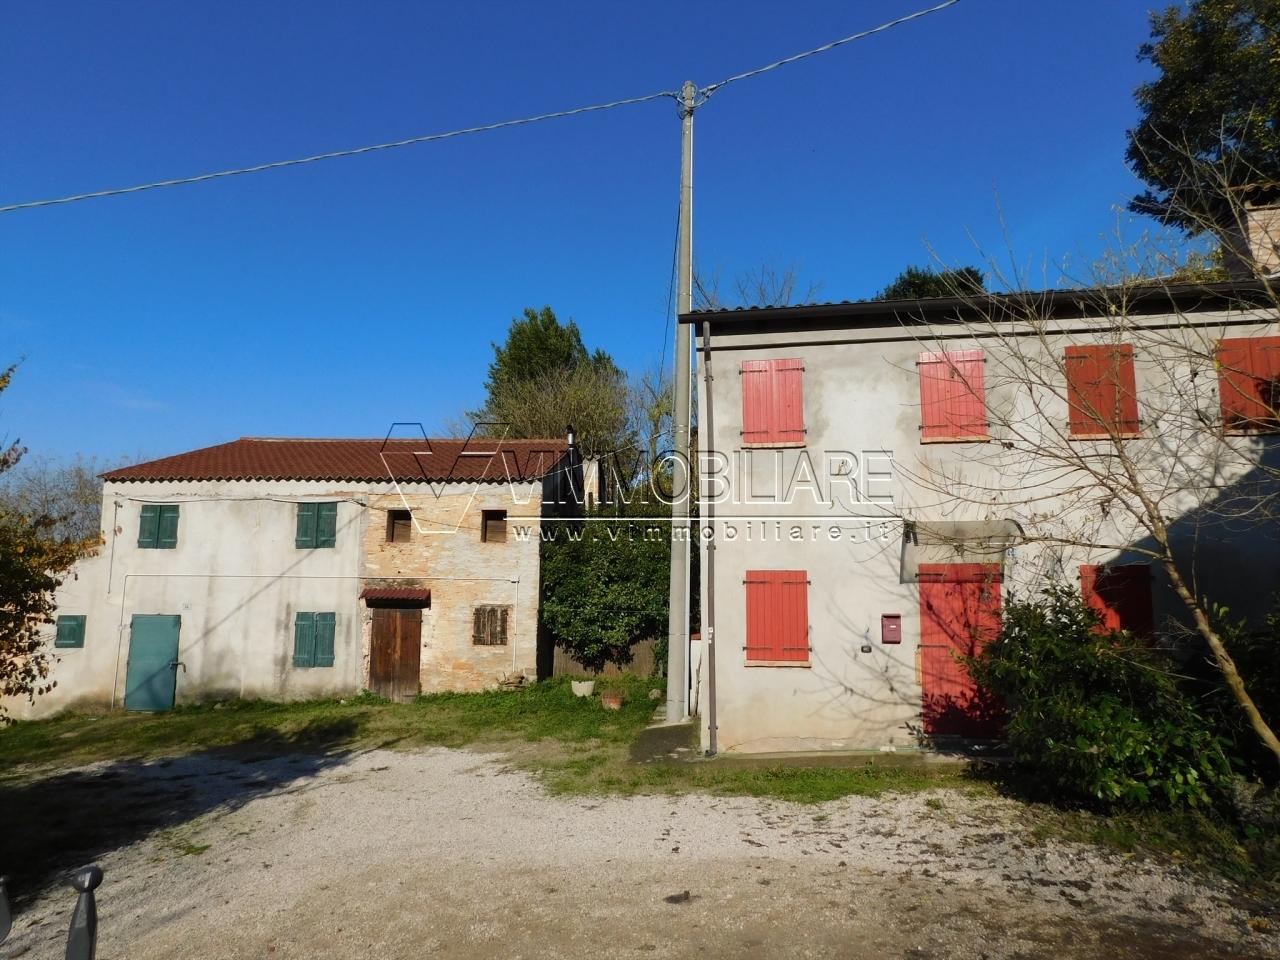 Rustico / Casale ristrutturato in vendita Rif. 8813762